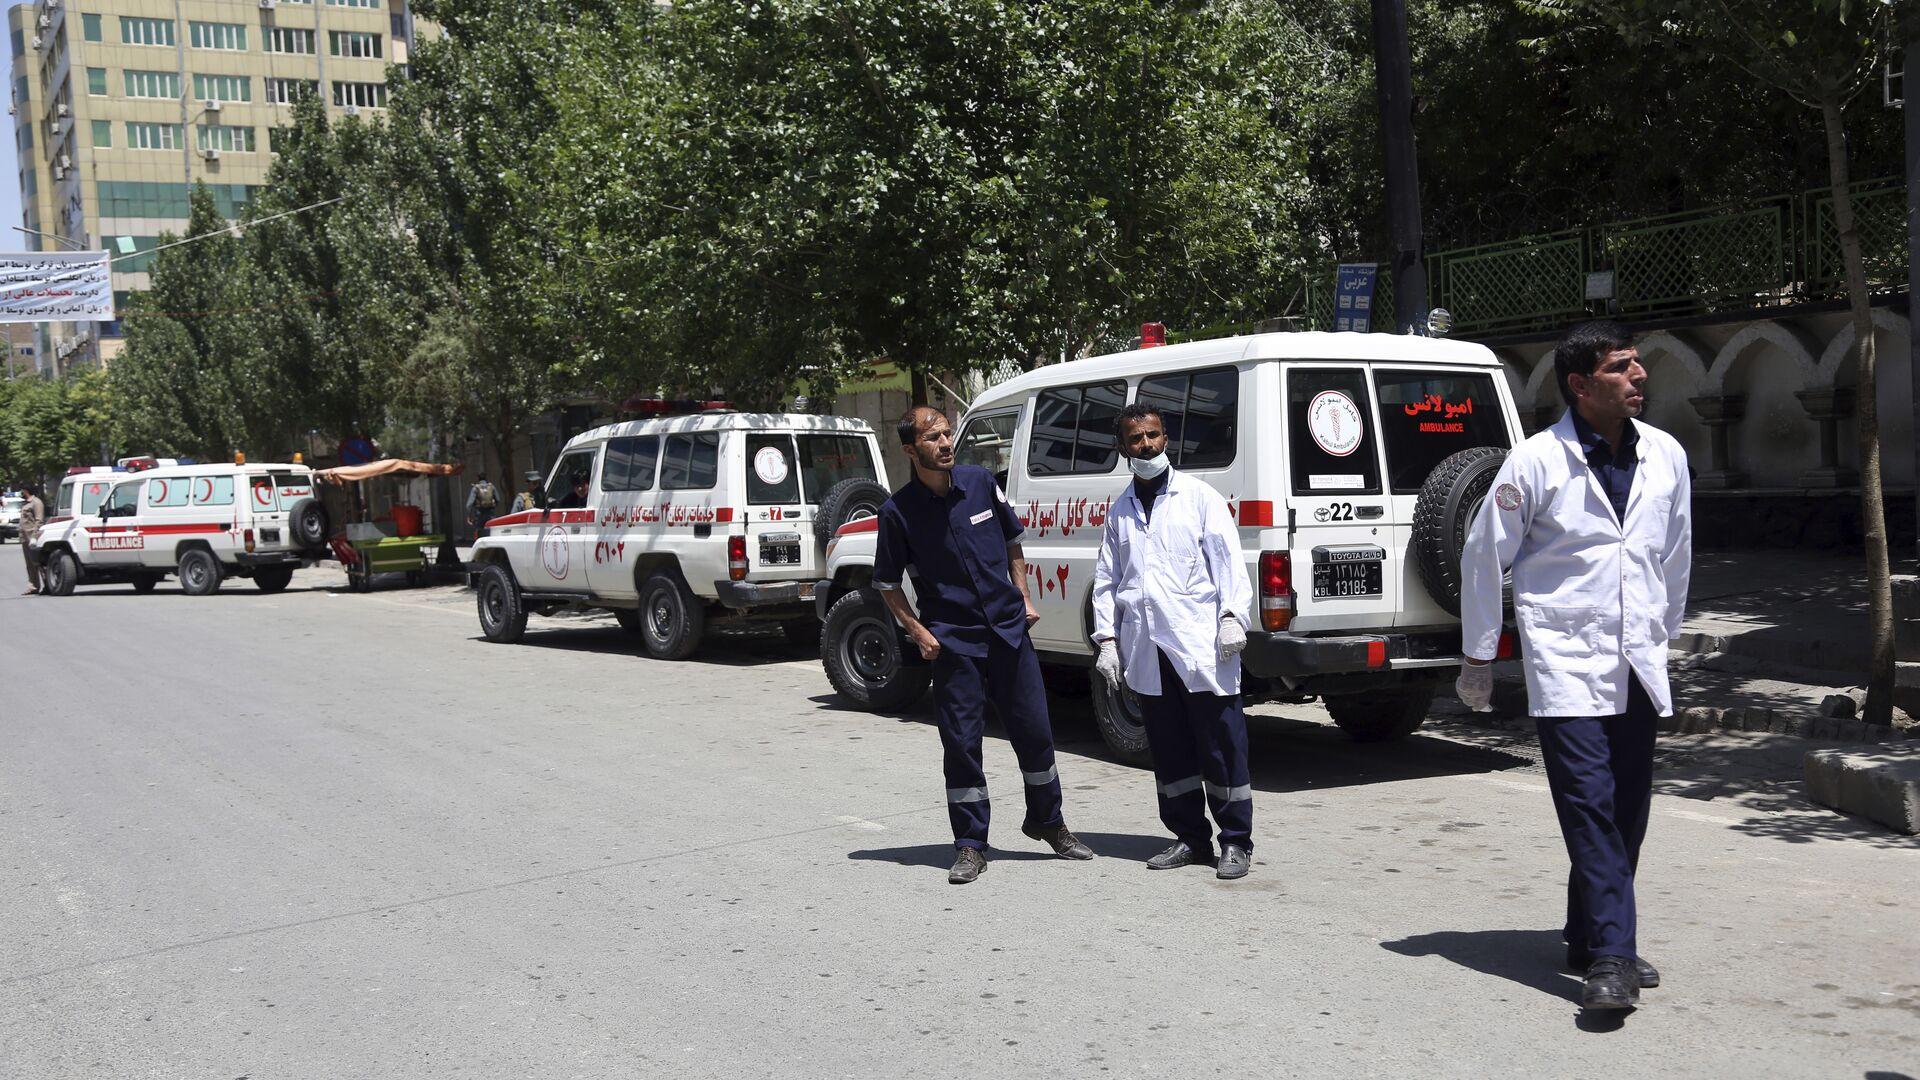 Unas ambulancias en Afganistán, imagen referencial - Sputnik Mundo, 1920, 30.04.2021